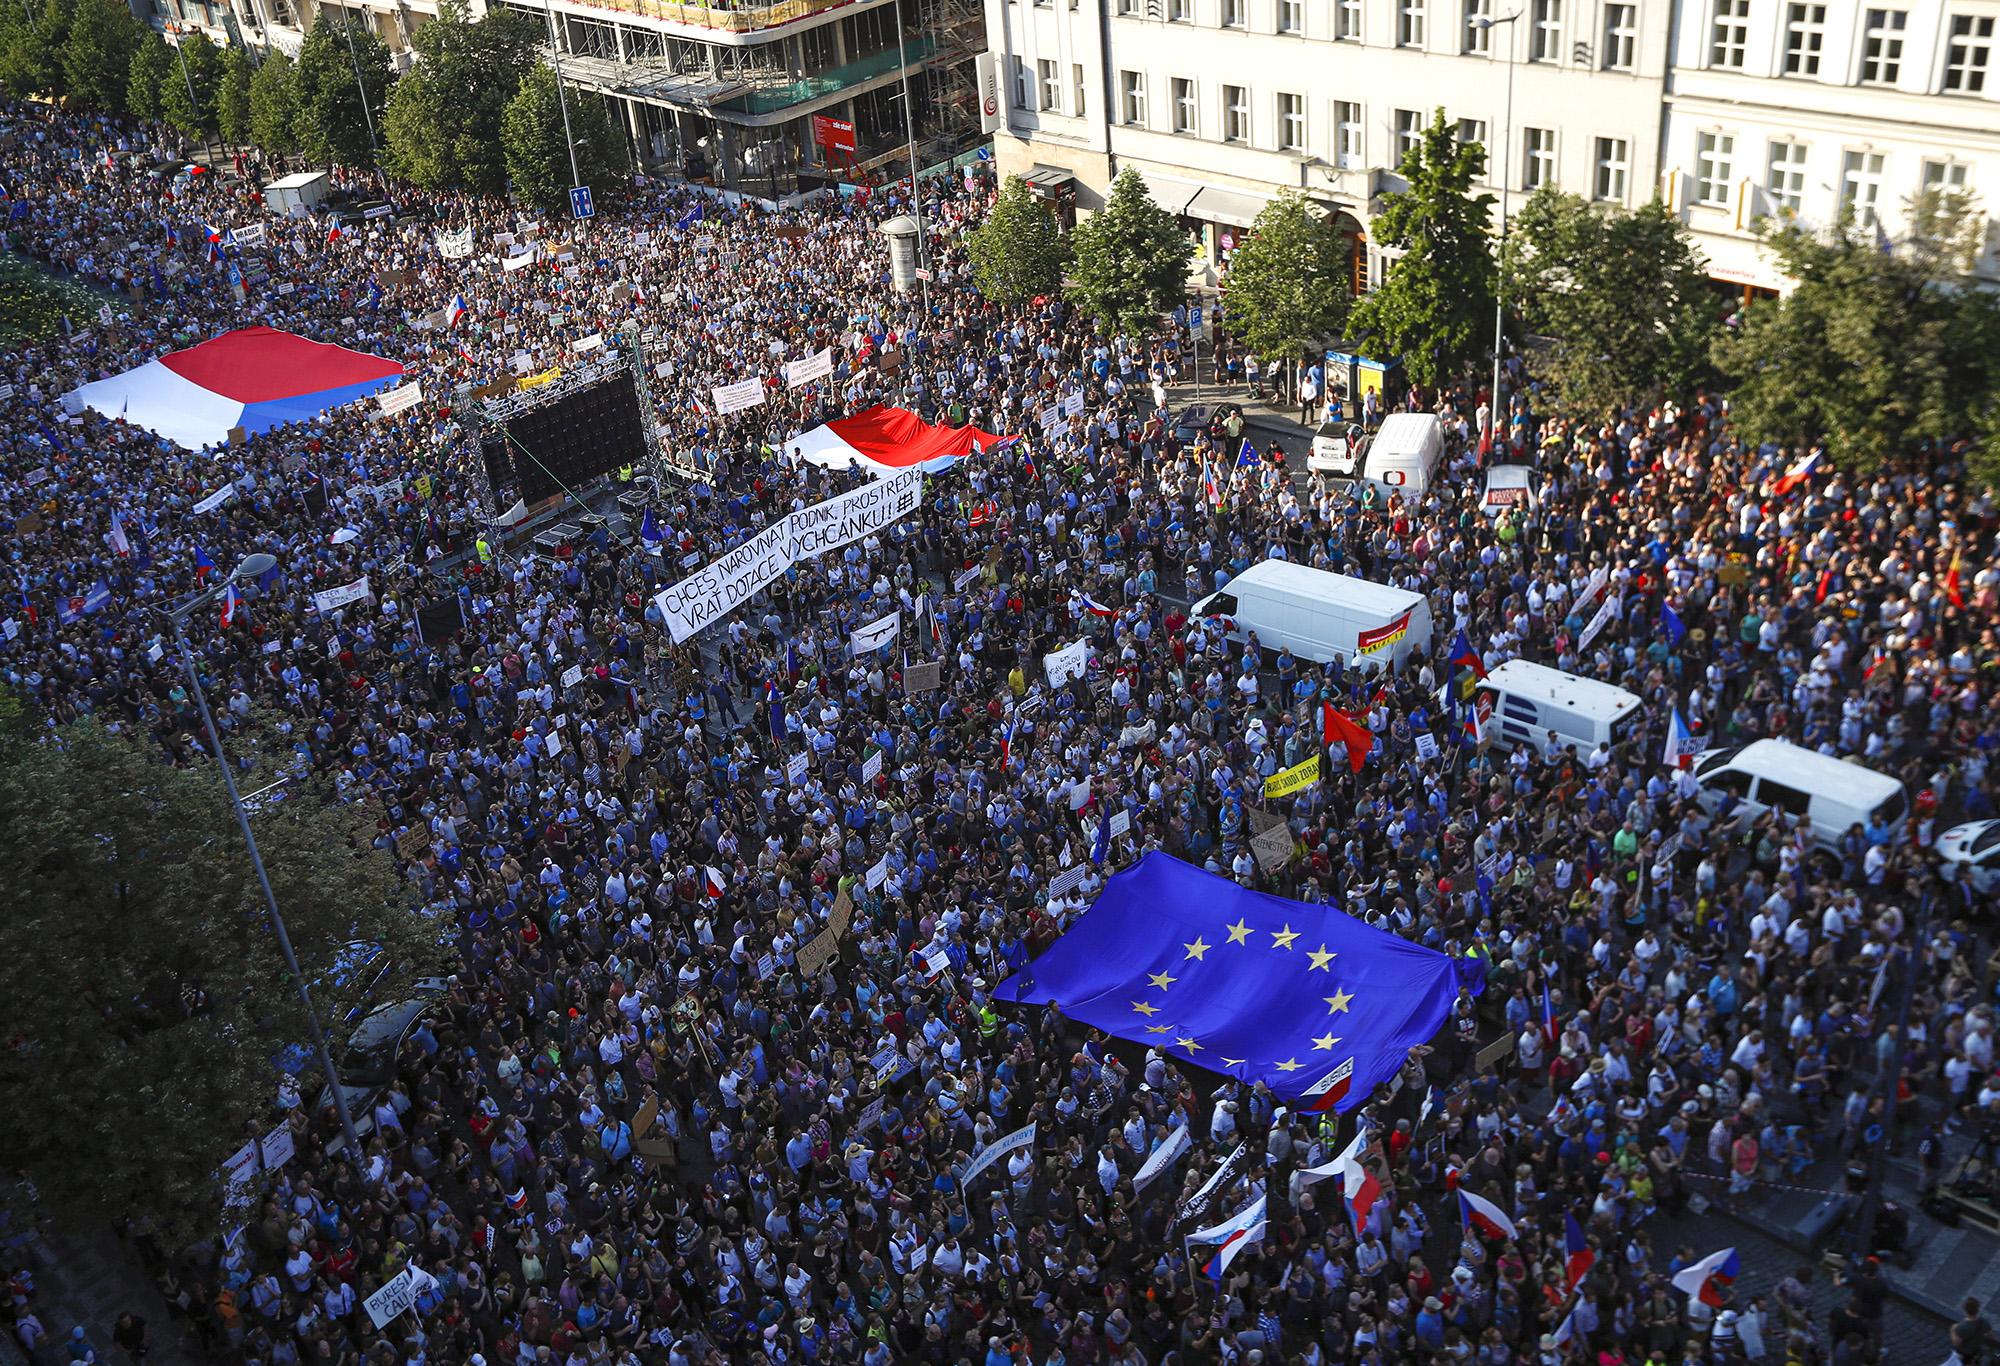 Sortűzzel fenyegetik a belarusz tüntetőket, mégis folytatják